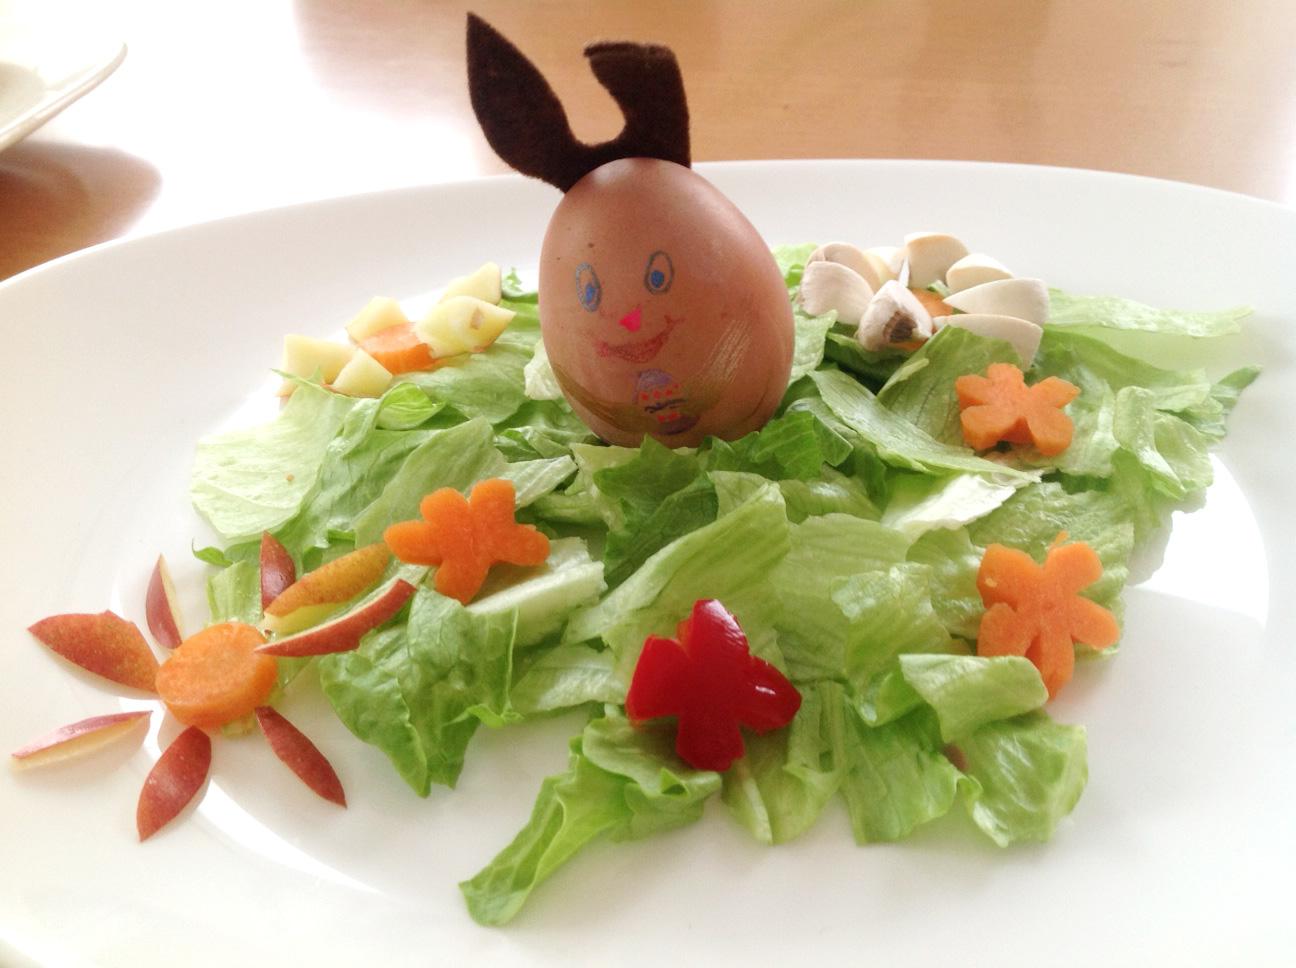 Osterabendmenübeilage made by Mama. Hase aus Ei sitzt auf Eisbergsalatwiese mit Blumen aus Karotte, Paprika, Apfel und Champignon.